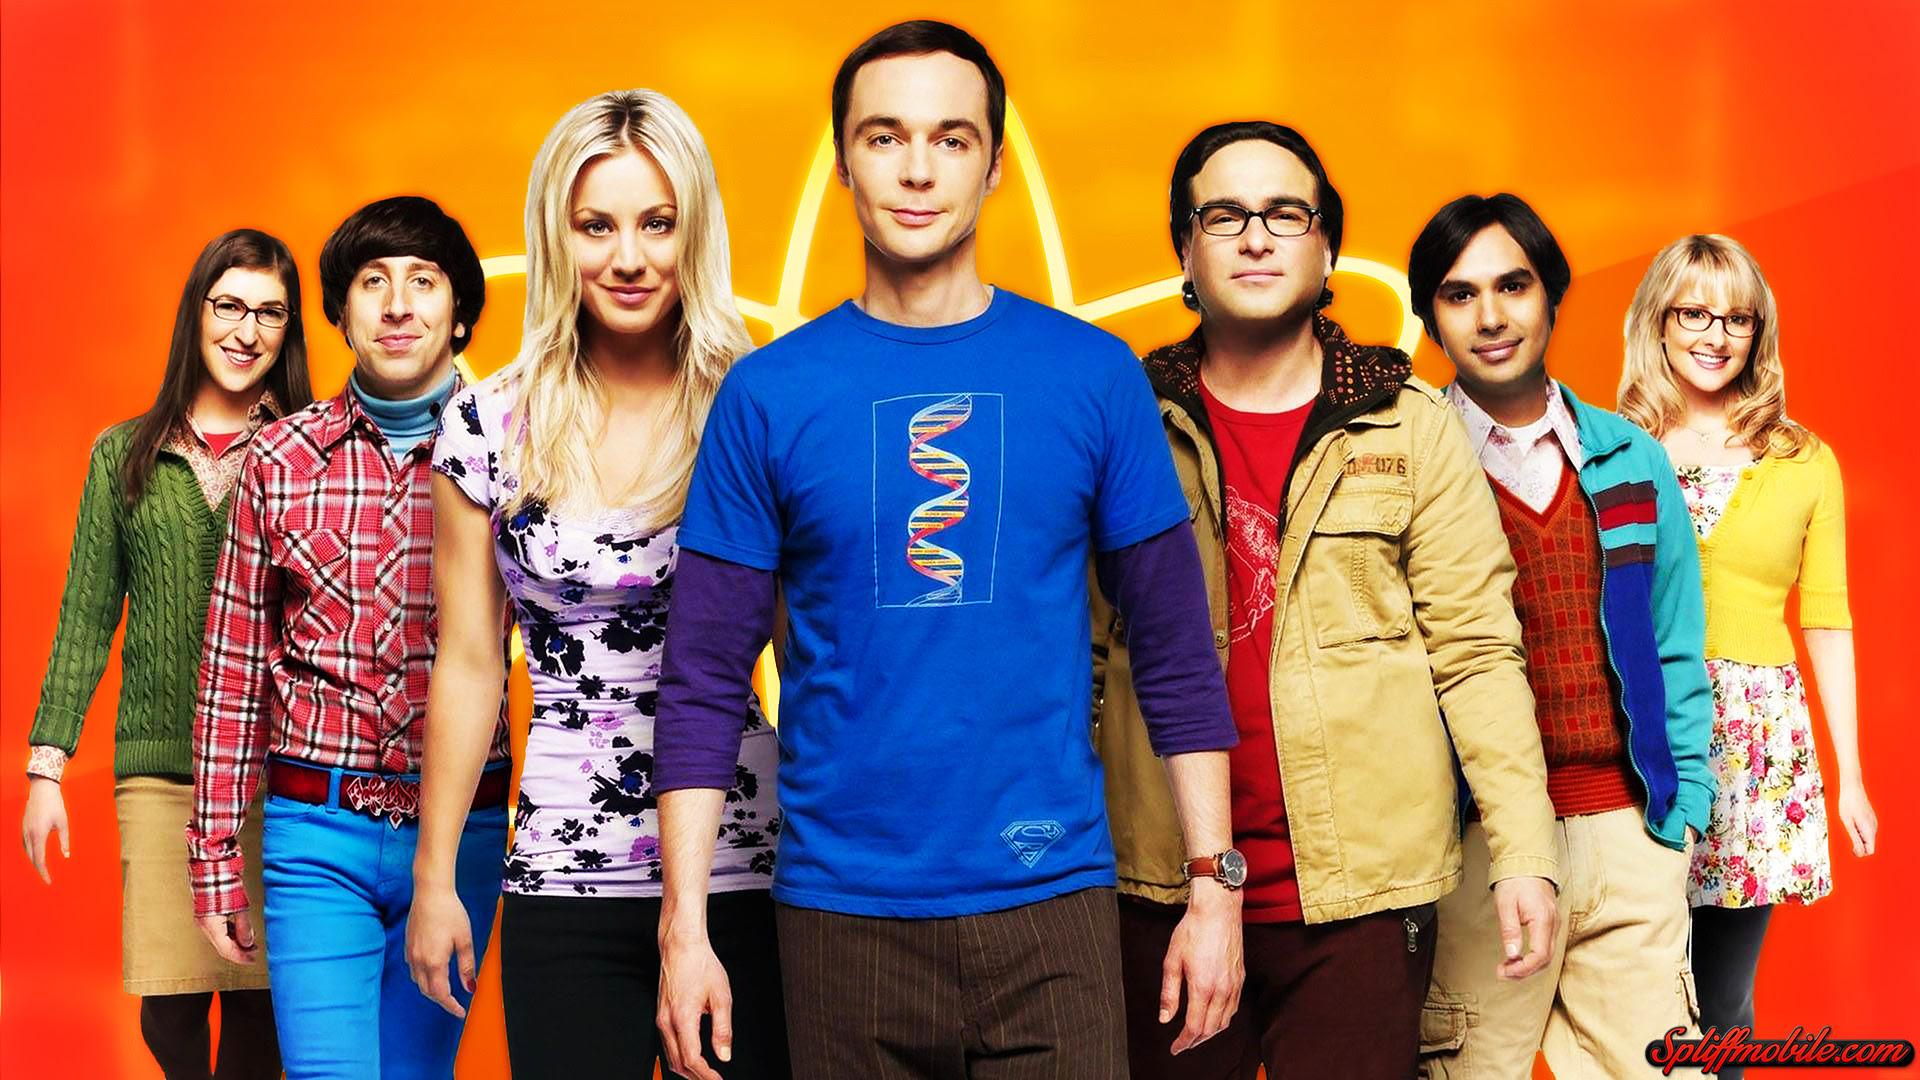 Big Bang Theory Wallpaper 74 Images